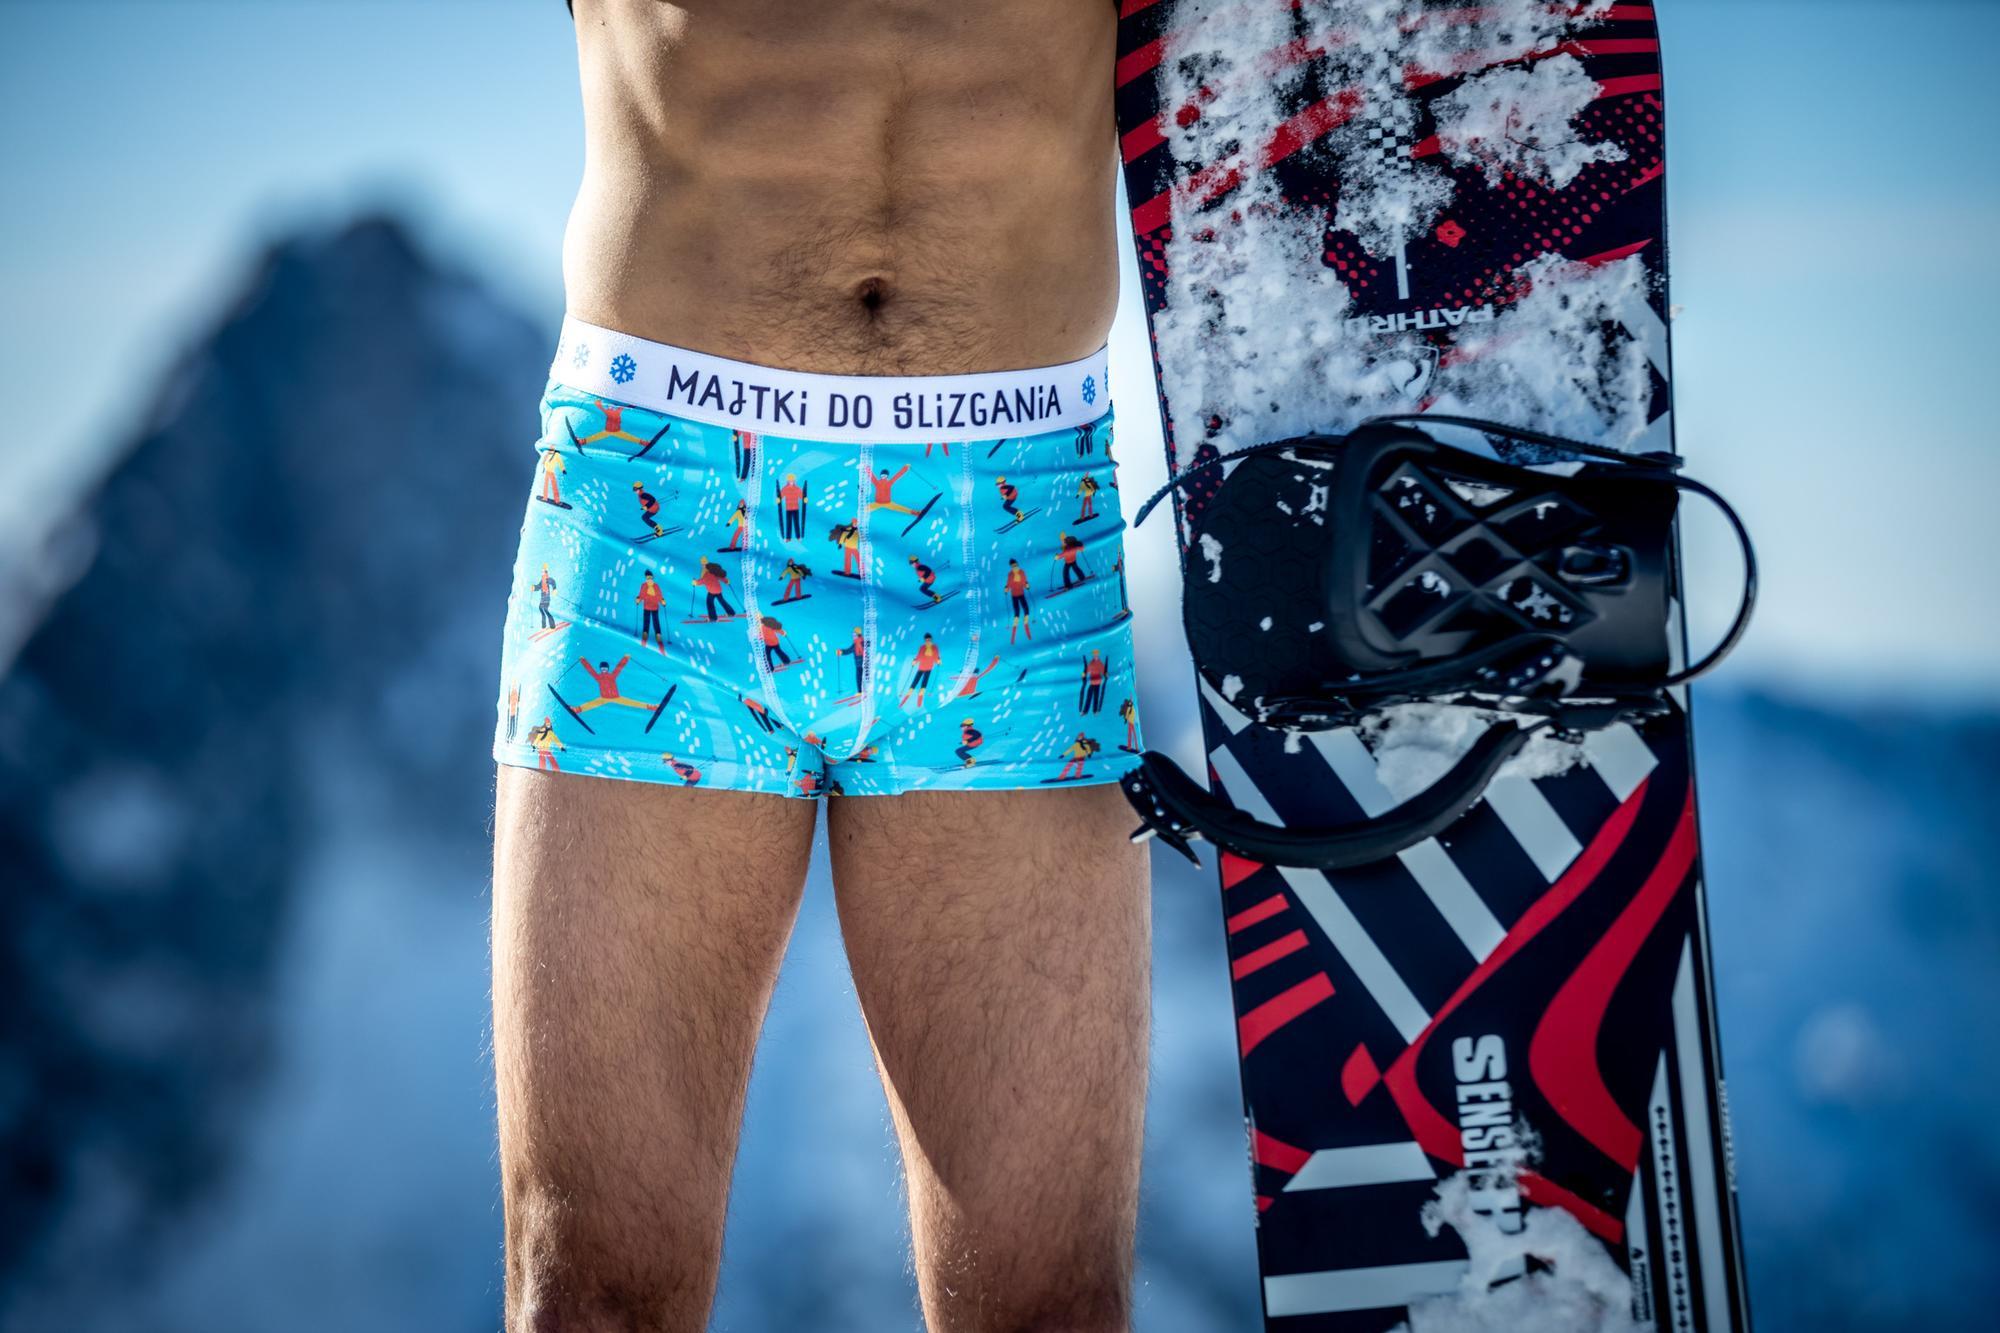 Majtki do ślizgania - Bokserki bawełniane męskie turkusowe niebieskie błękitne kolorowe - Majtki z Sosnowca by After Panty